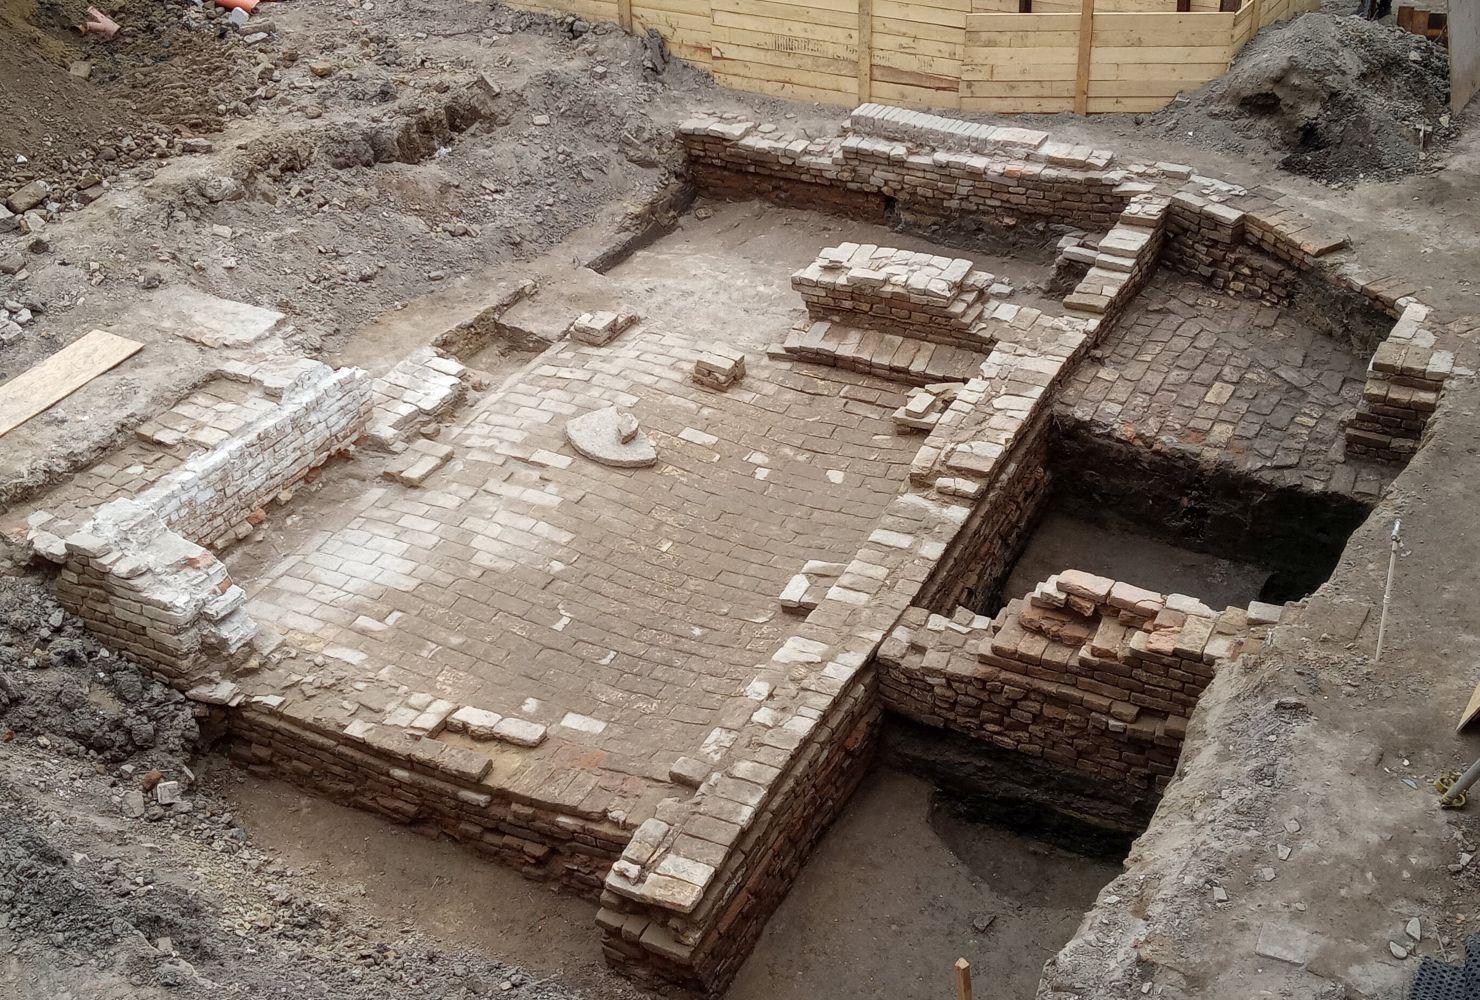 Megtalálták Szeged középkori városmagját